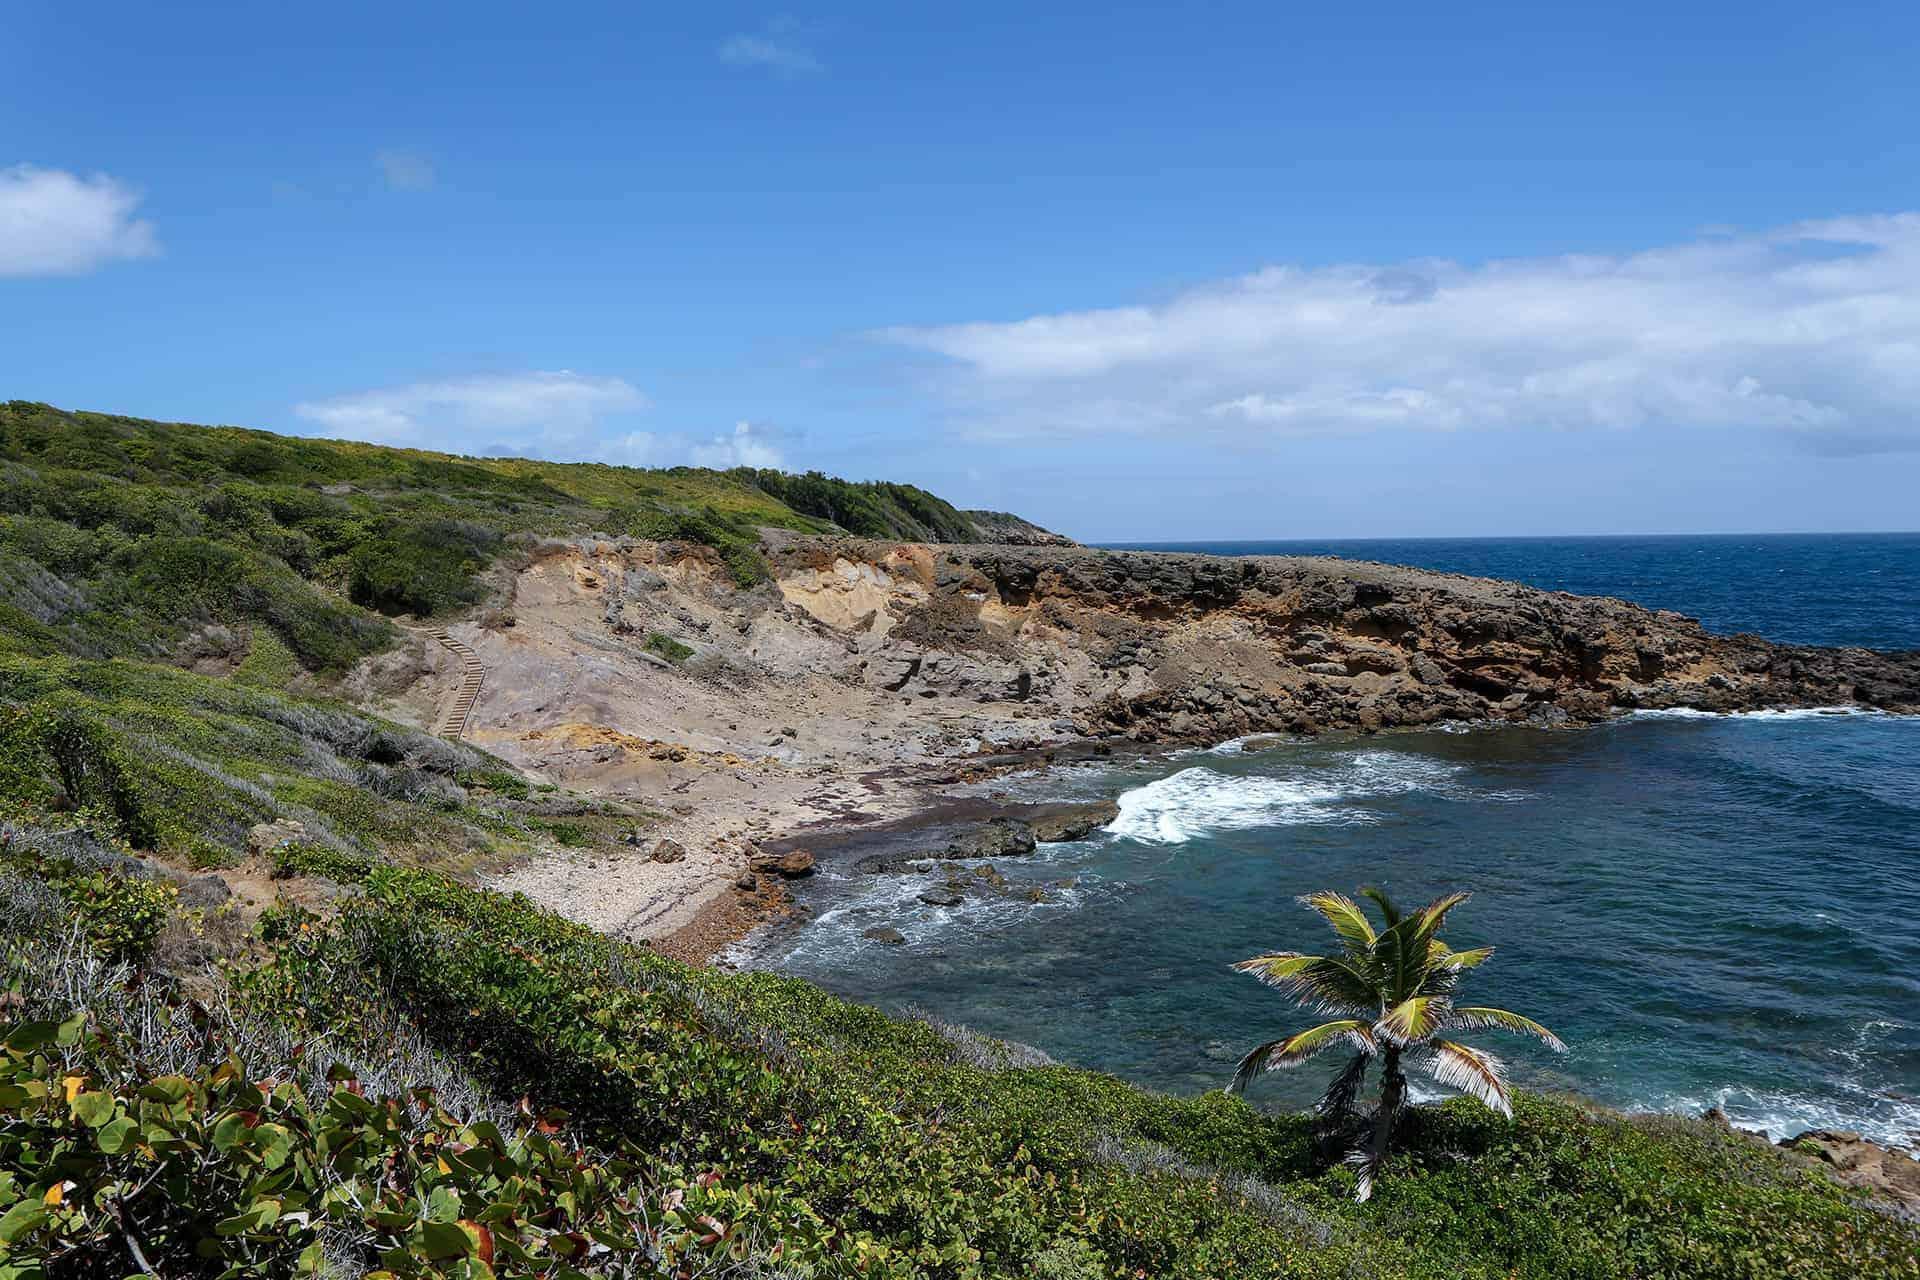 presqu'île caravelle